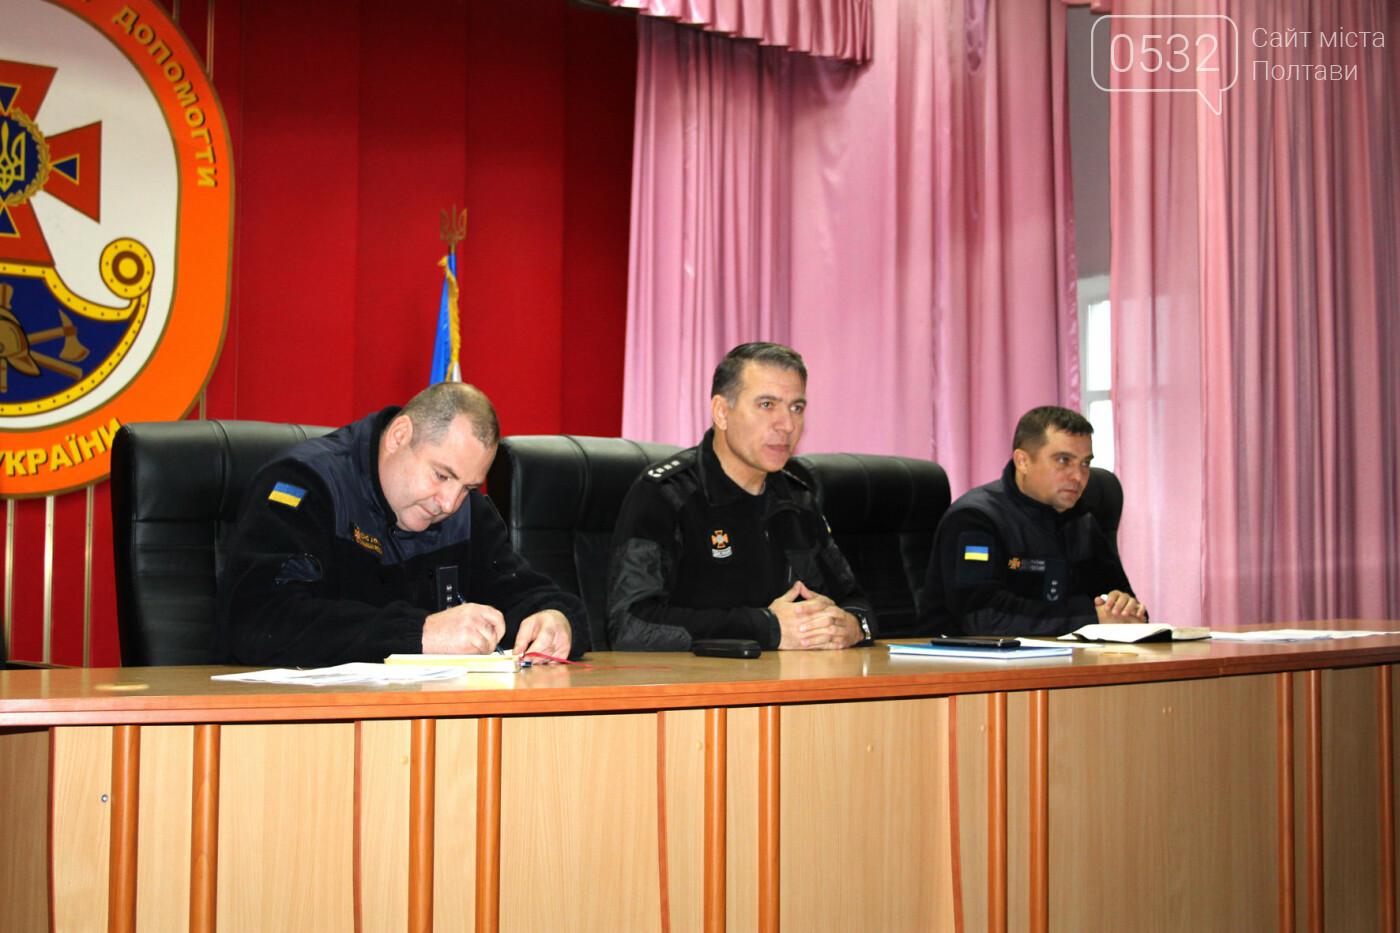 На Полтавщині пройшла нарада щодо позапланових перевірок об'єктів із масовим перебуванням людей, фото-2